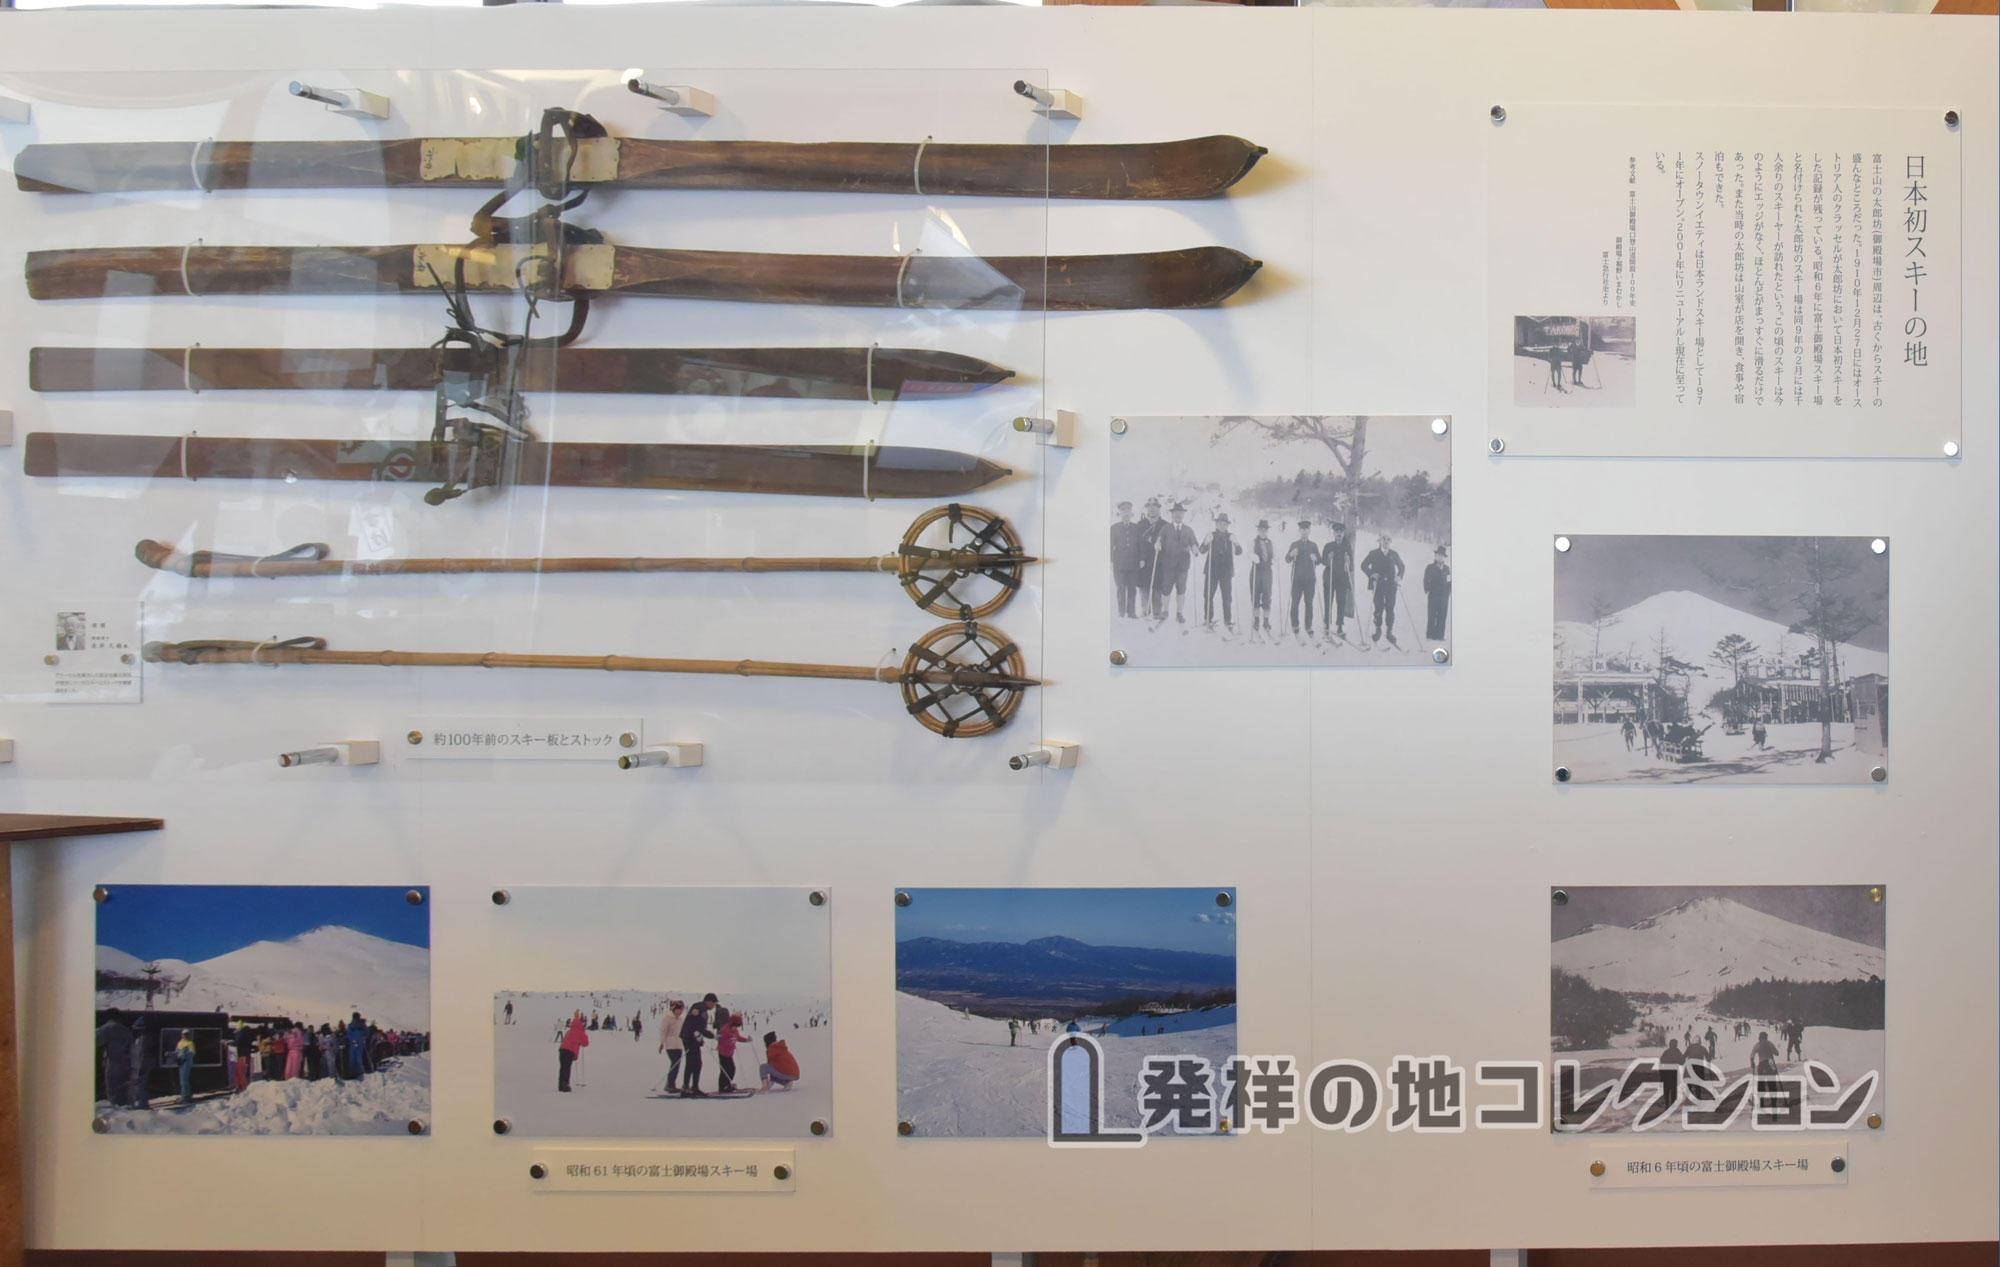 日本初スキーの地 説明パネル